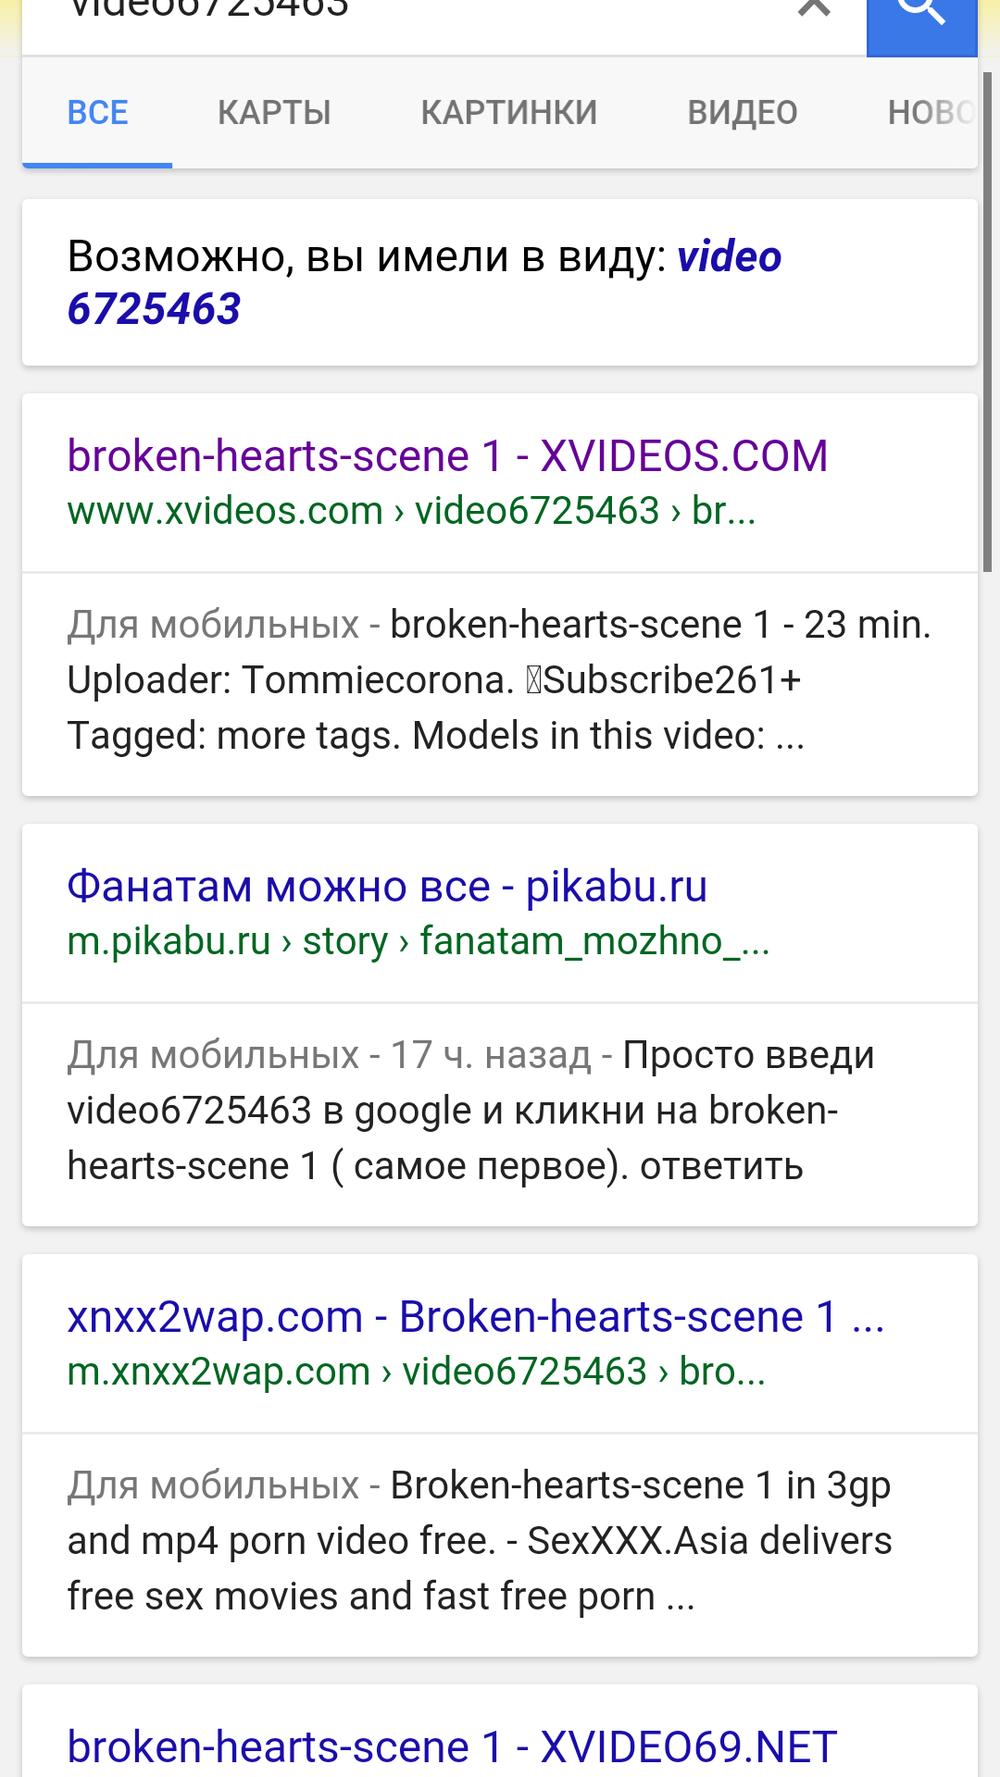 ebutsya-zhenshini-porno-video-volshebnie-chasi-aziya-krupniy